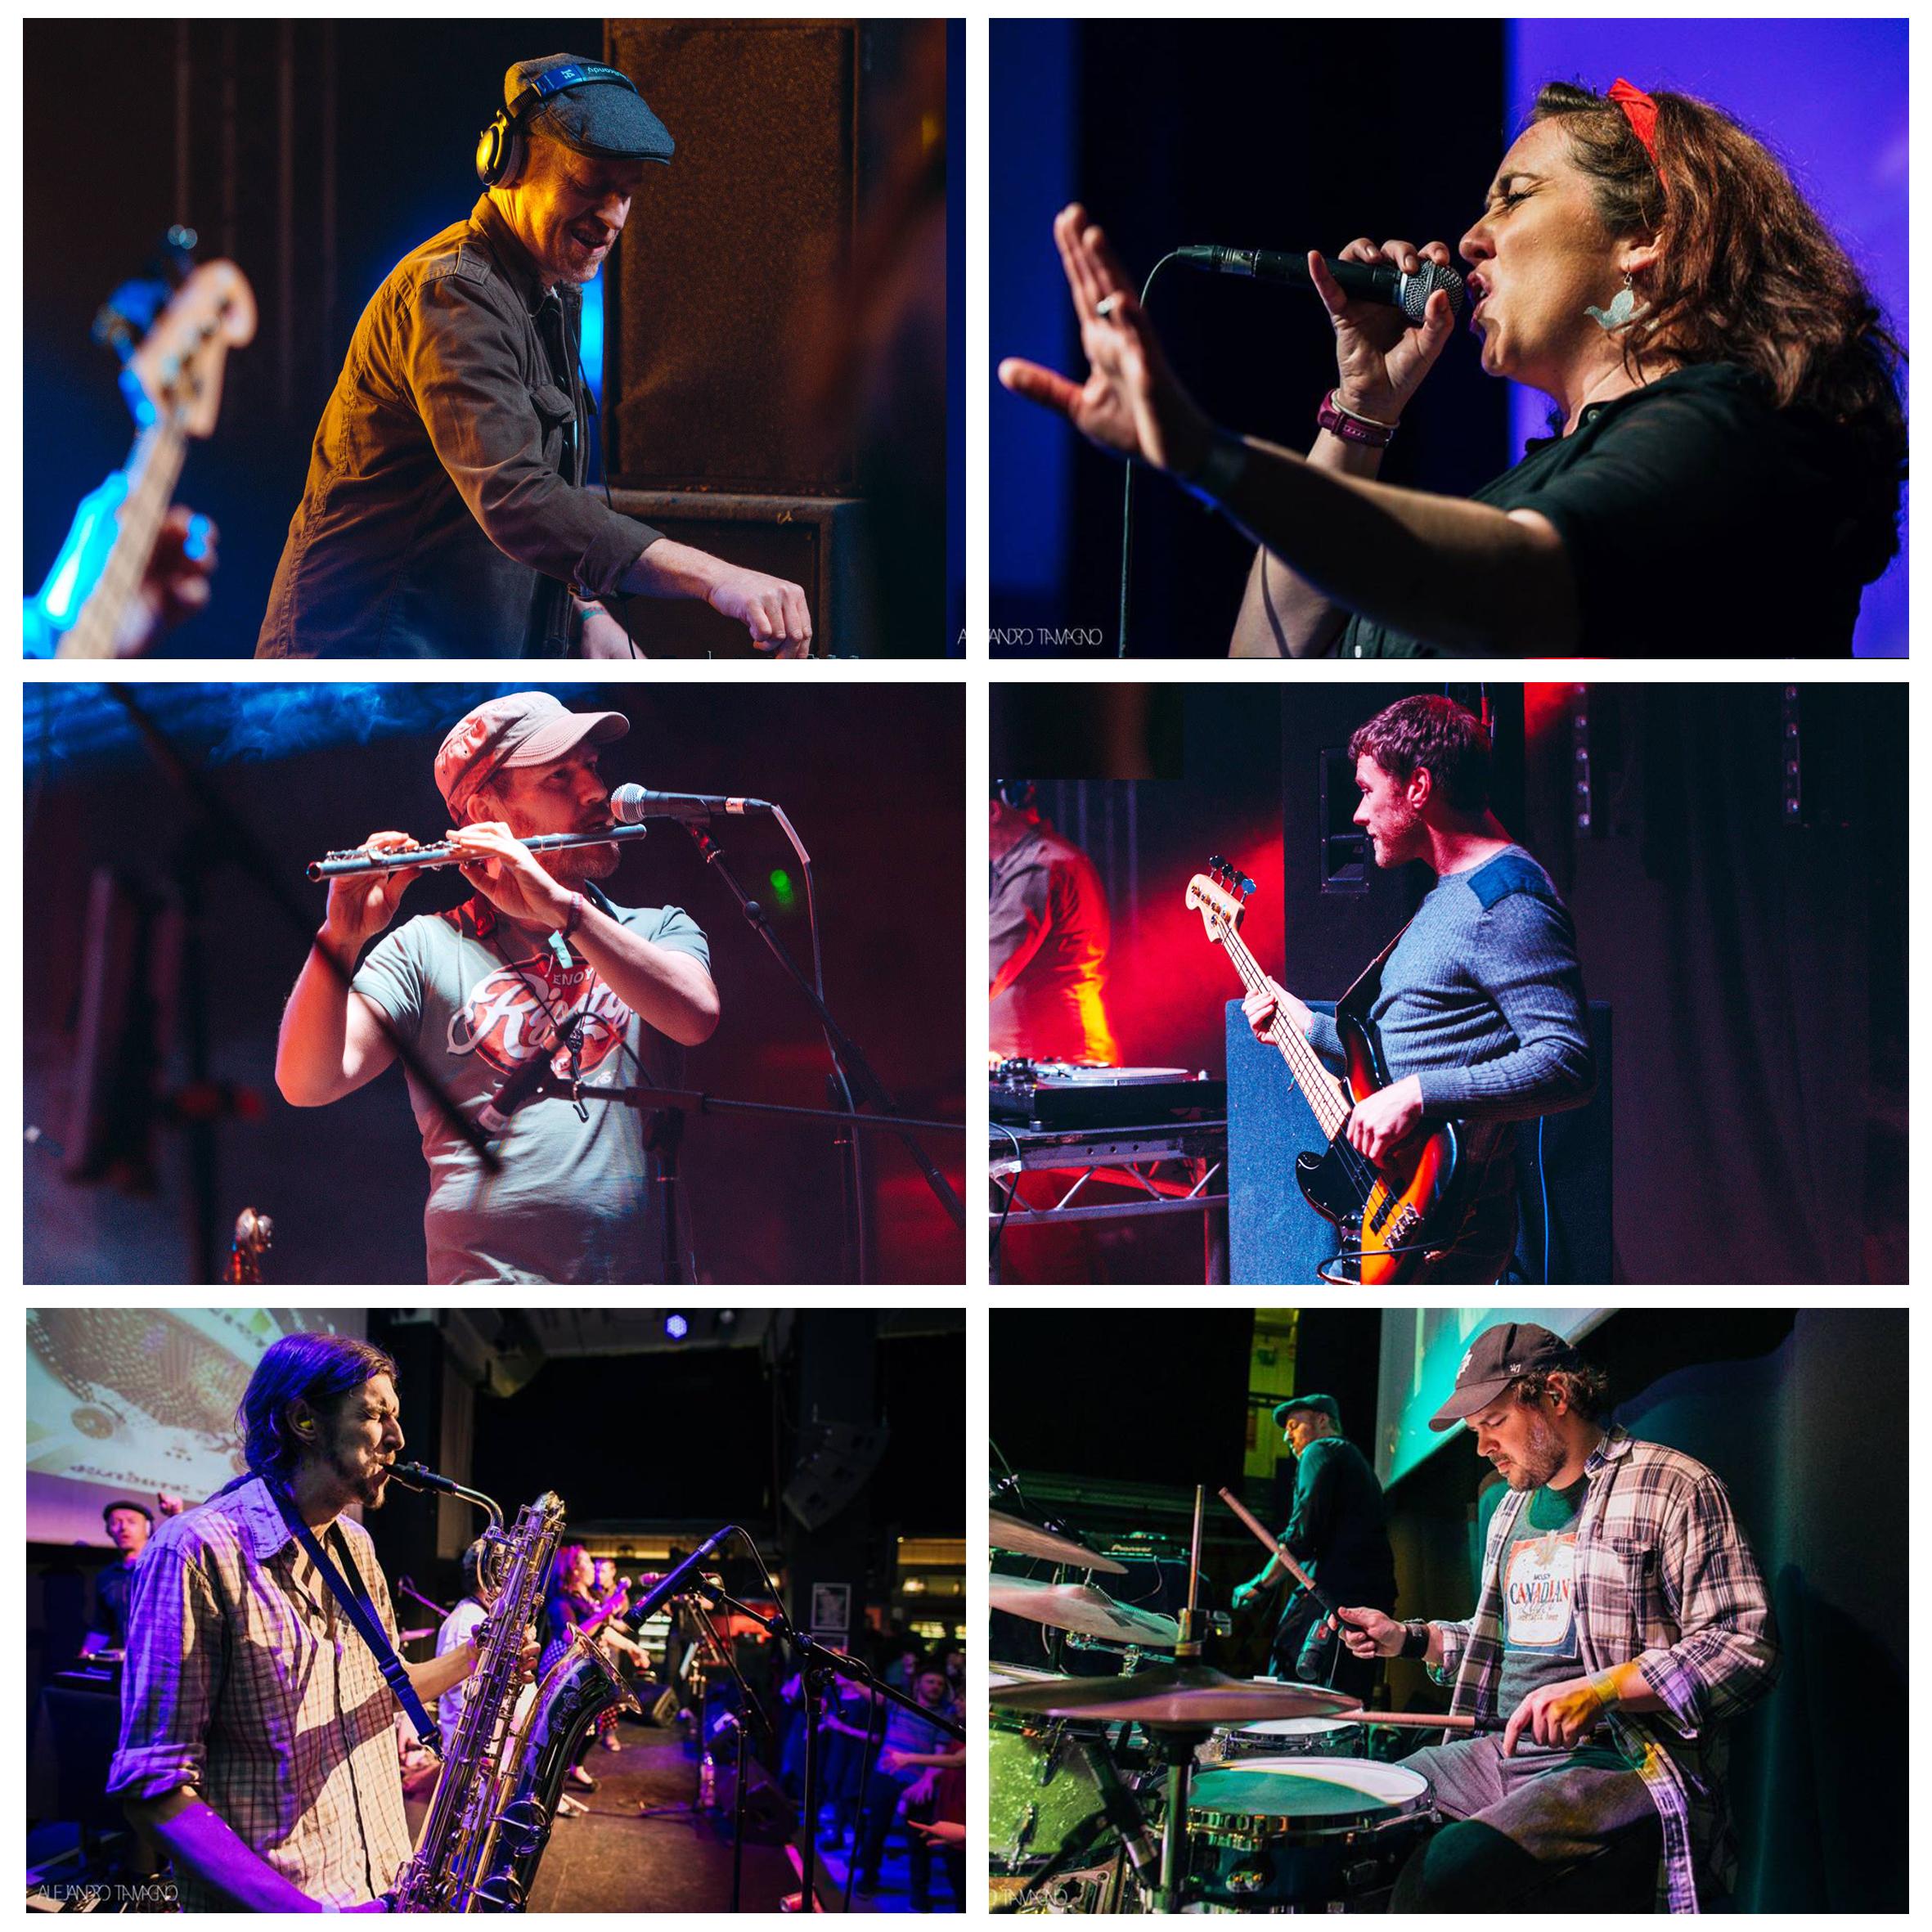 Daytoner Colour Collage 2017 - Steven Cantrill.jpg